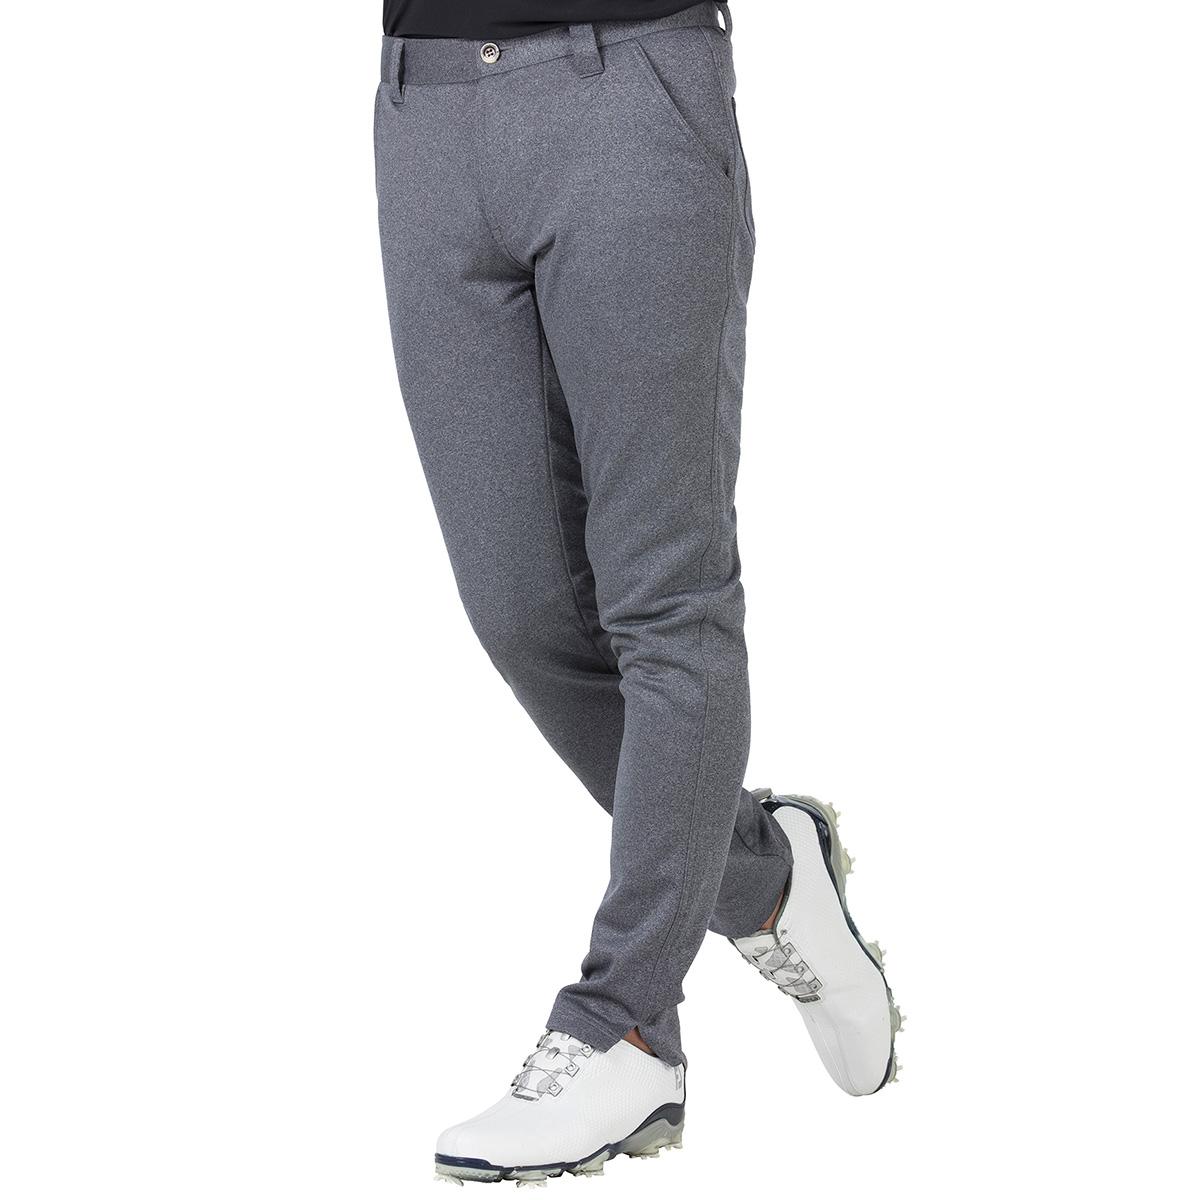 裏起毛6ポケット型ジャージパンツ 股下79cm